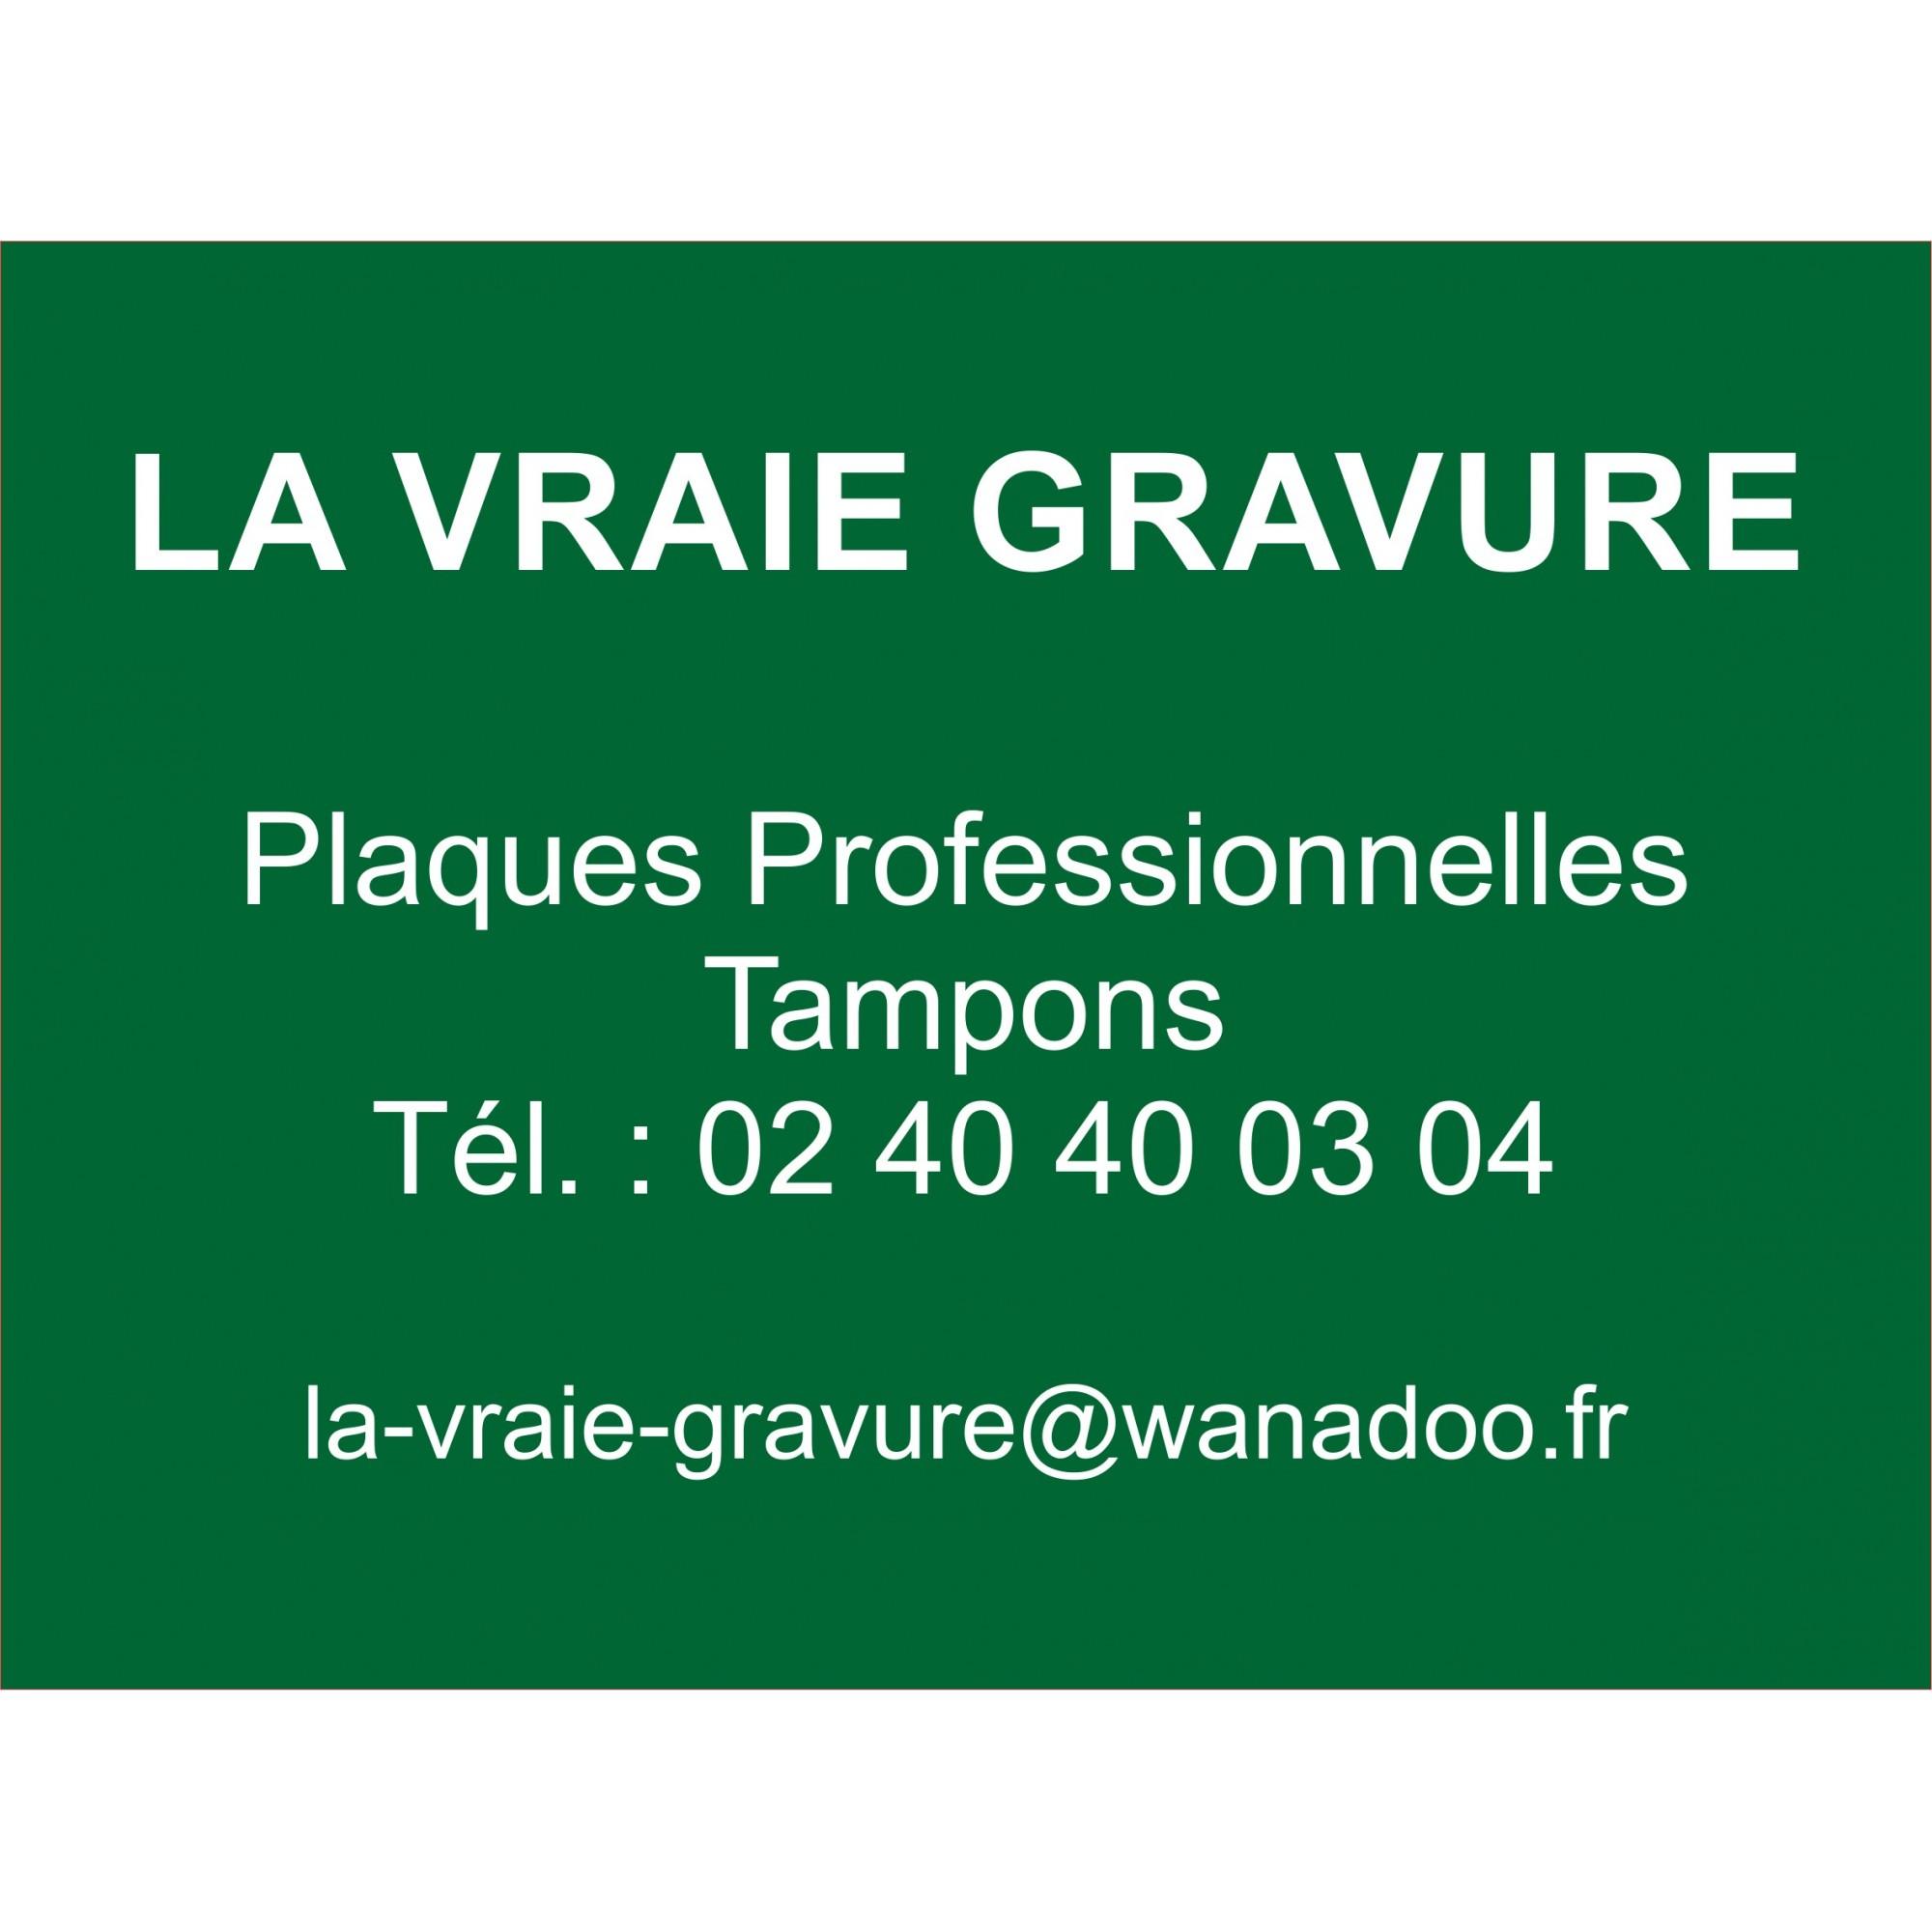 PLAQUE PLEXI GRAVEE 35x25 CM COULEUR